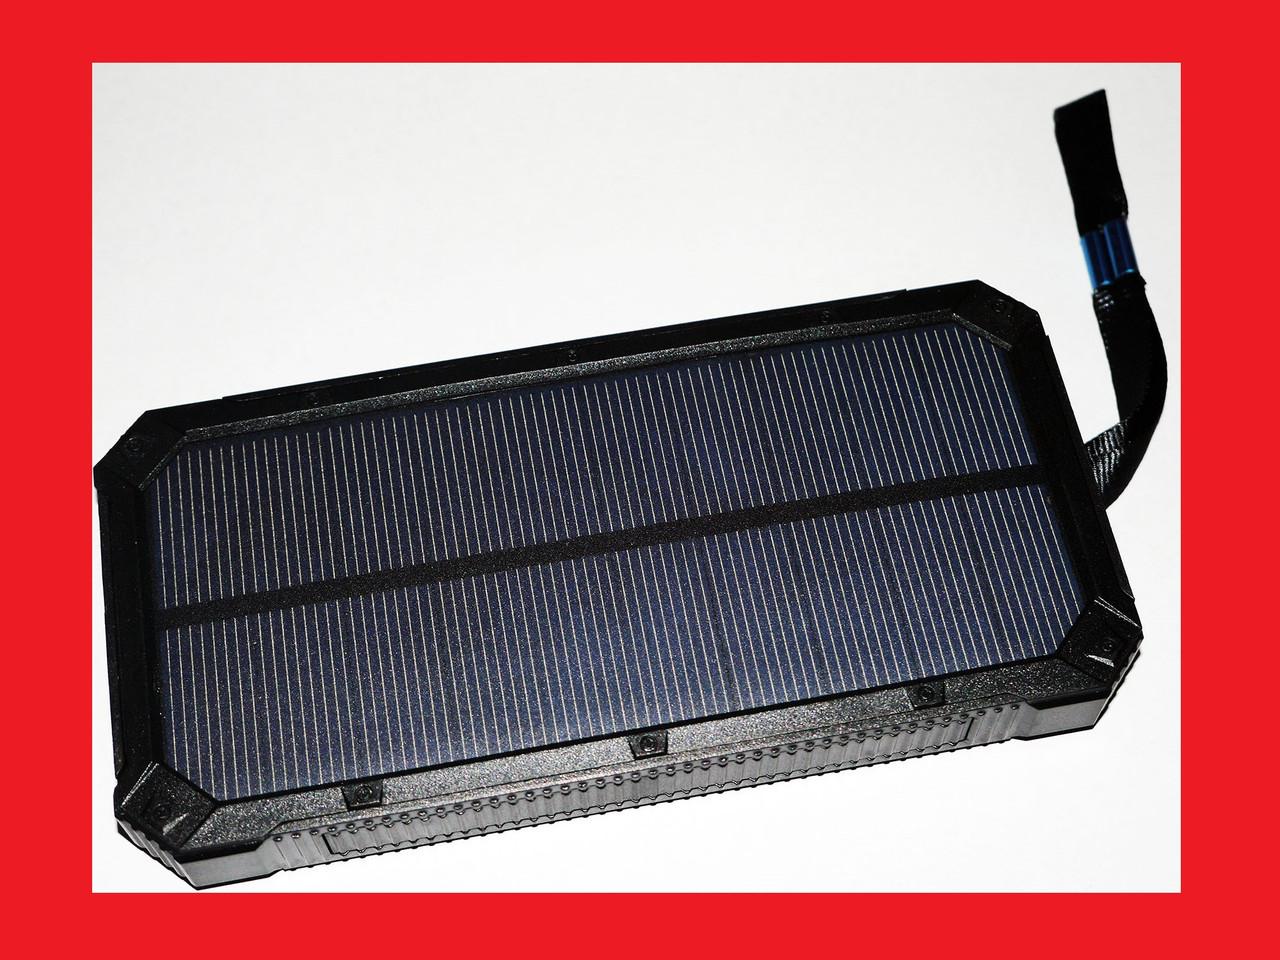 UKC 32800 mAh Solar Charger  Power Bank Солнечное зарядное устройство